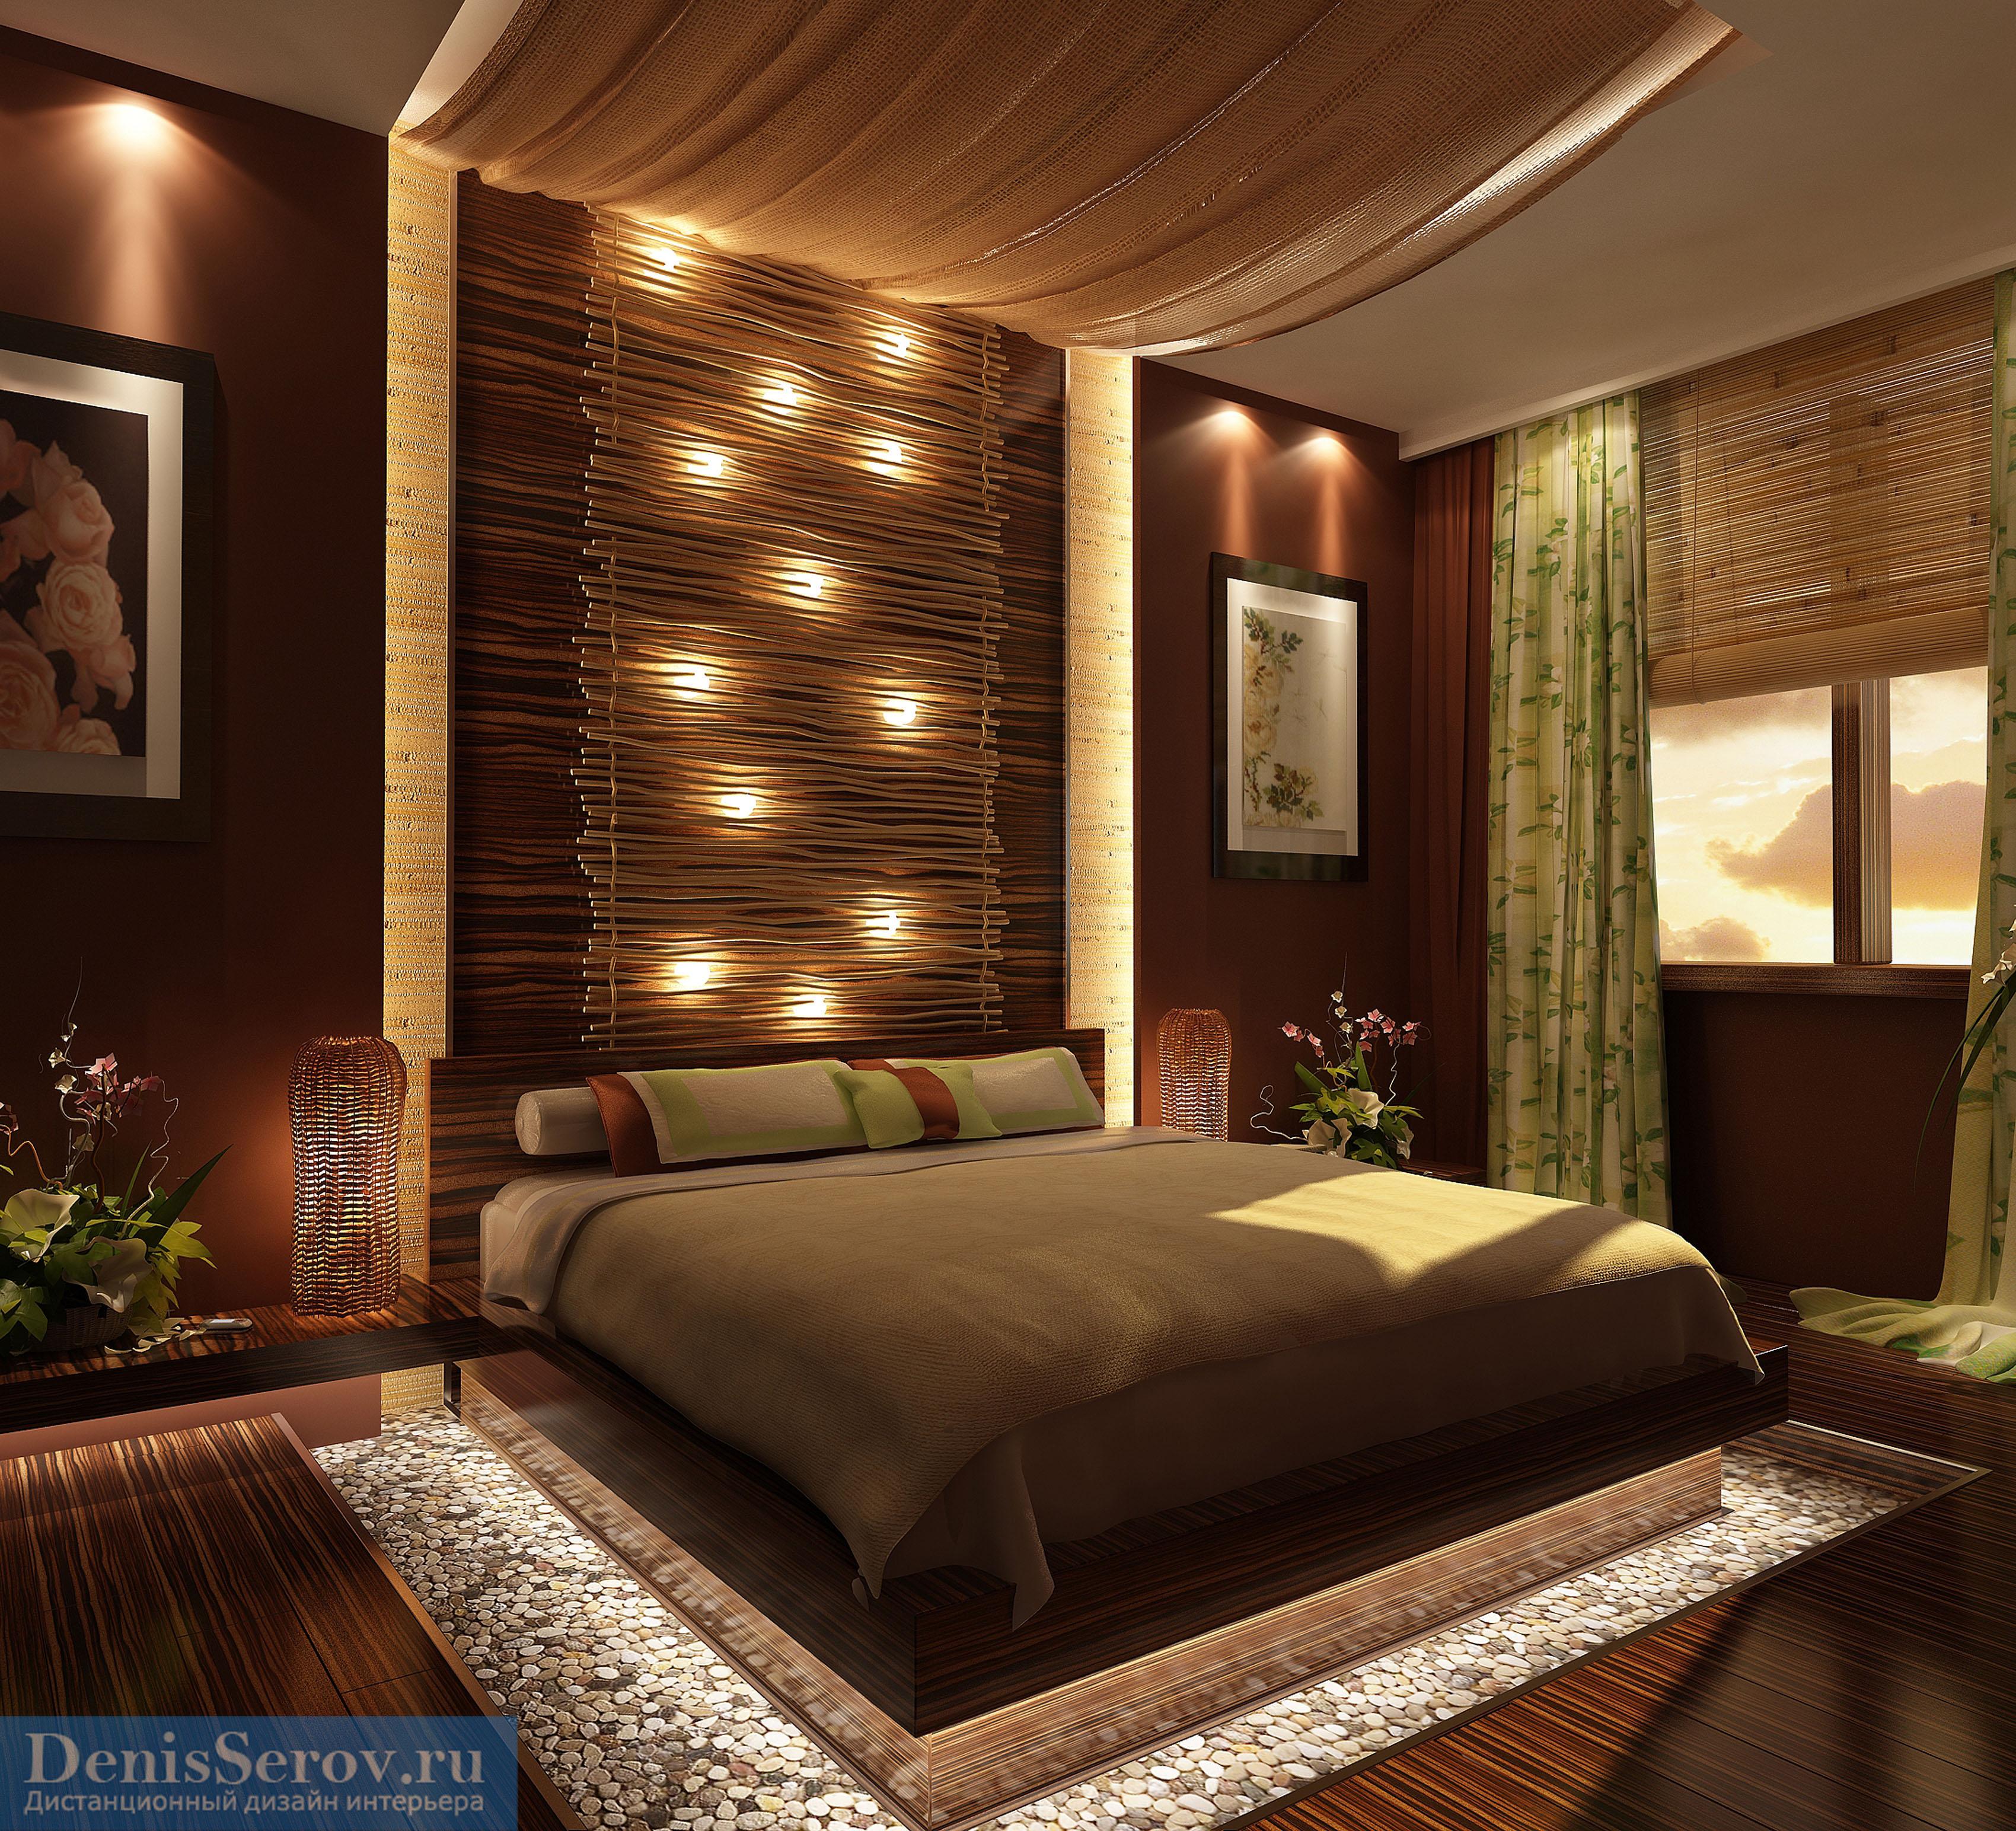 Акцентная стена в спальне, варианты отделки